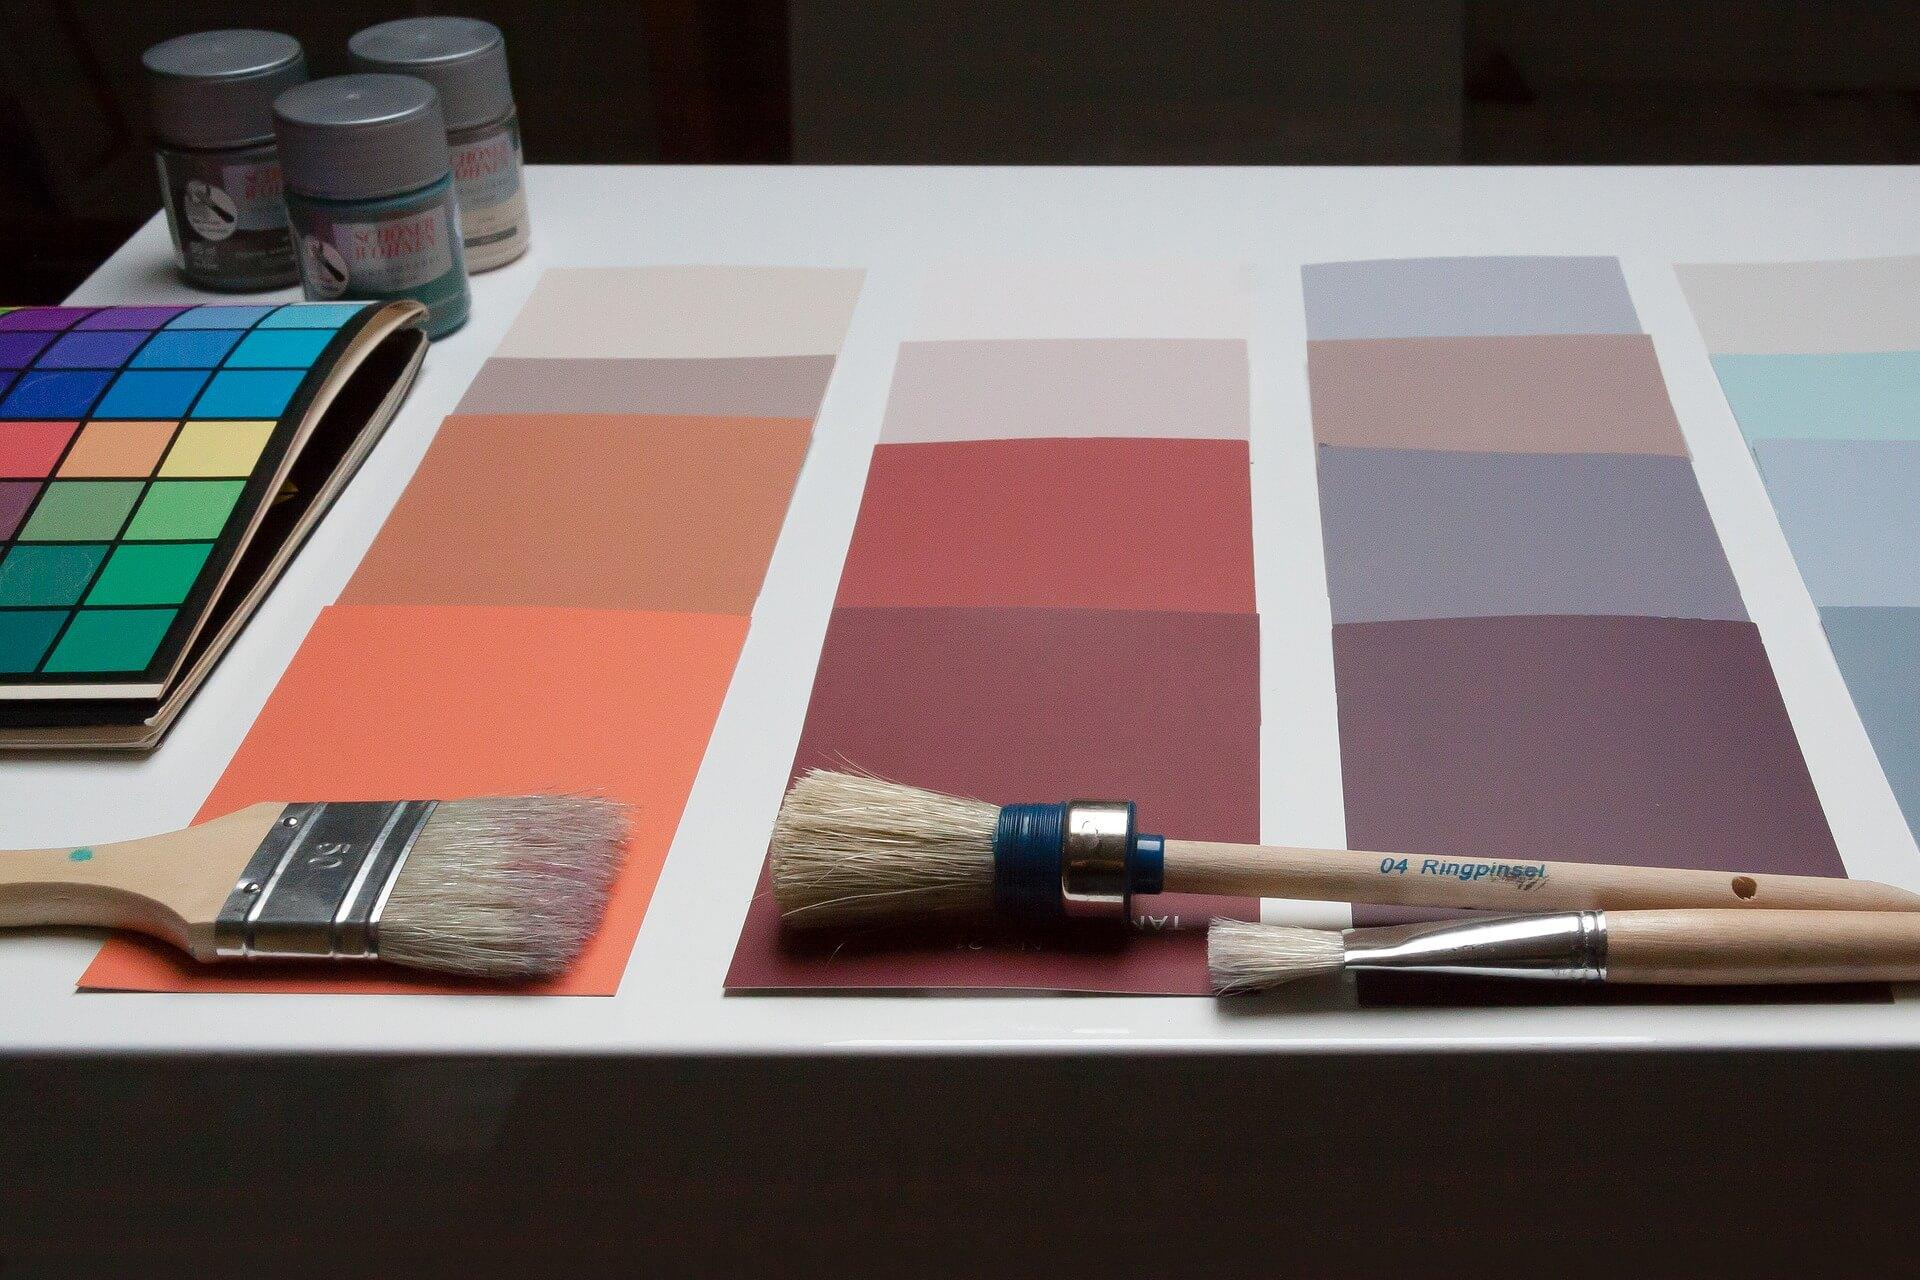 Få hjælp og vejledning med maling hos Norh malerfirma København S og maler Amager